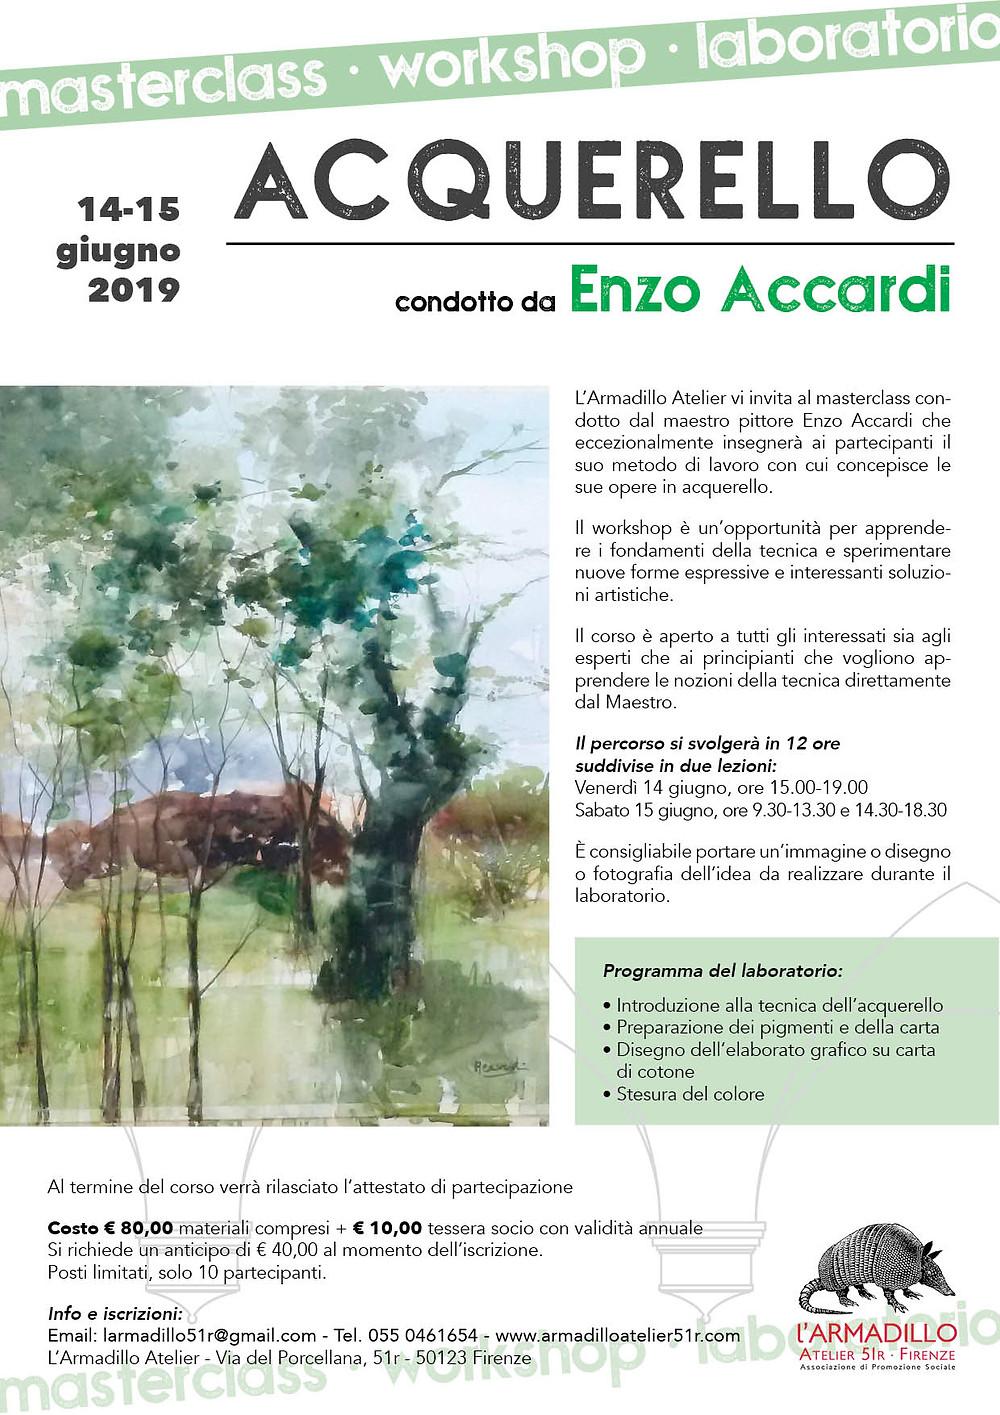 Masterclass di acquerello con Enzo Accardi